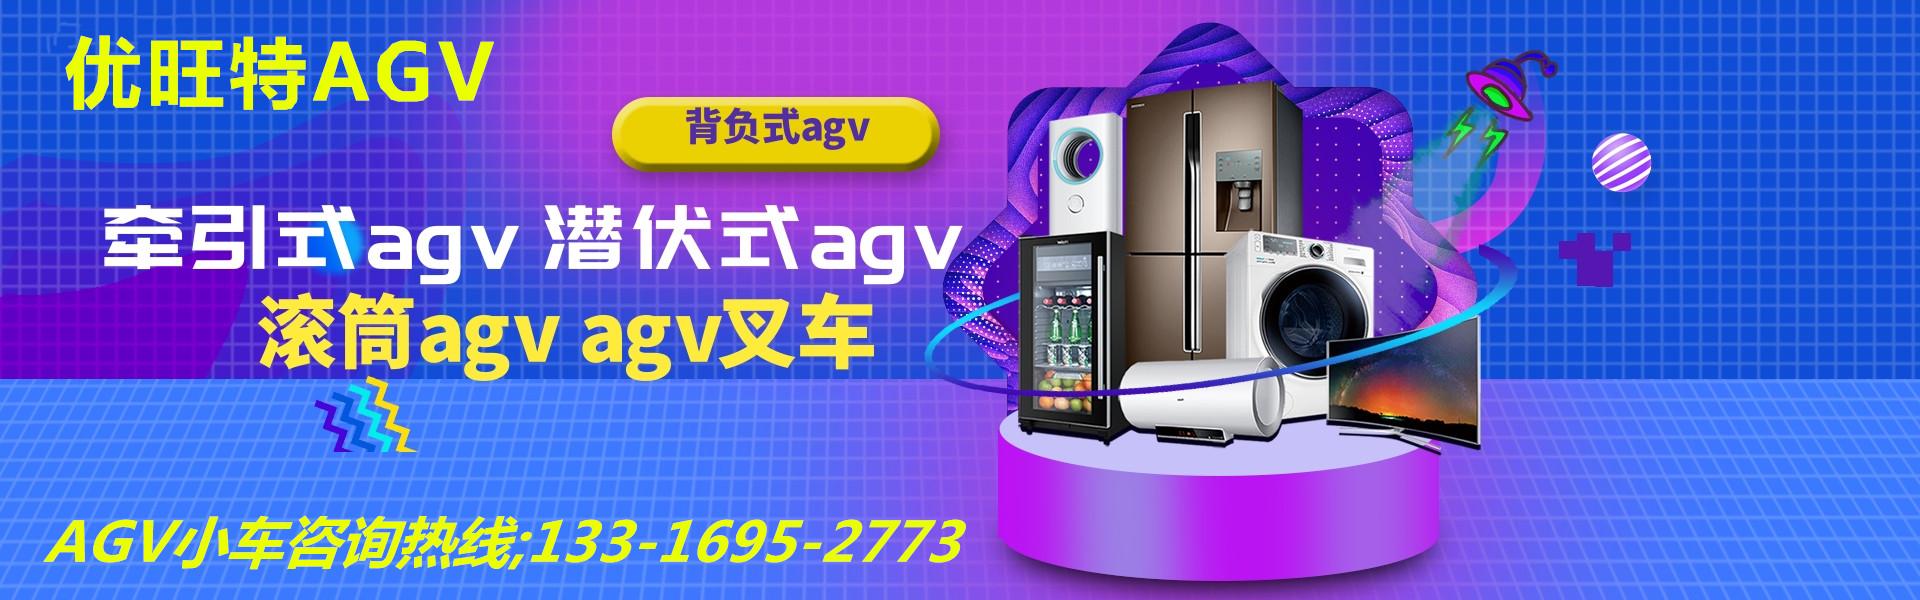 2020年中国AGV无人搬运车装机量将达8万台,市场前景